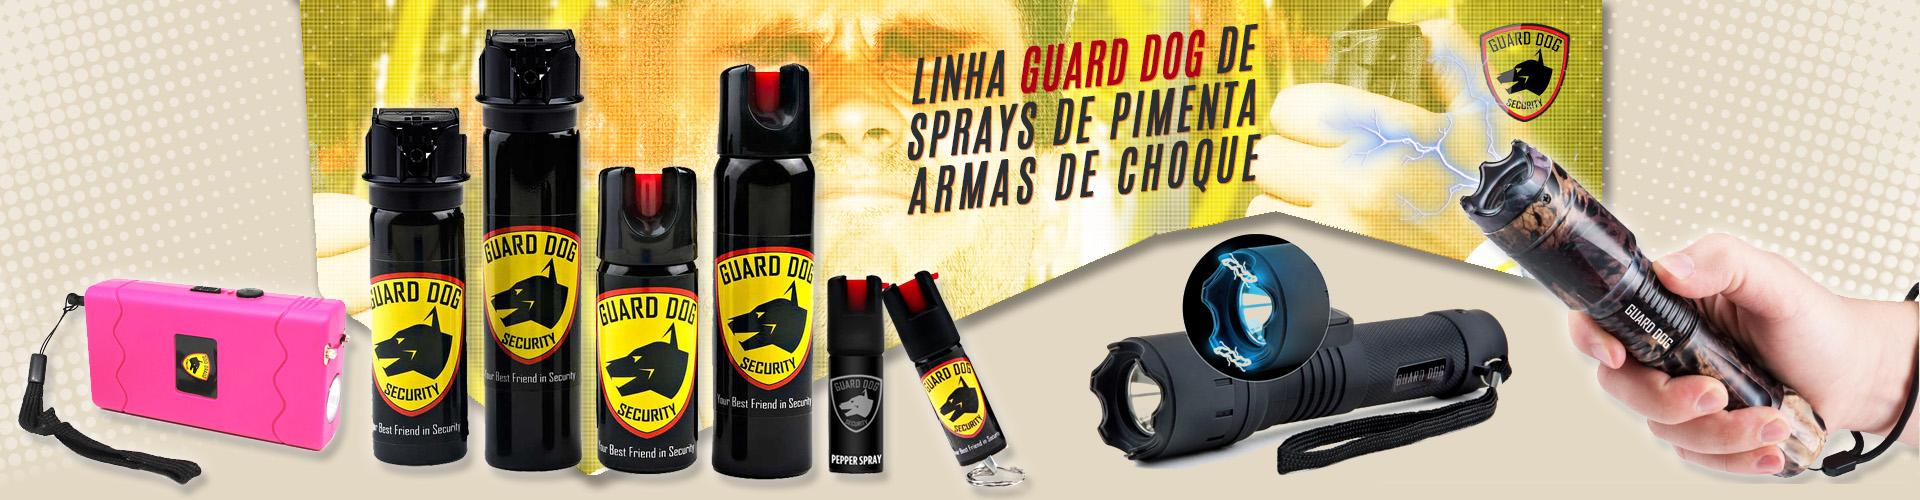 GUARD DOG SPRAY CHOQUE